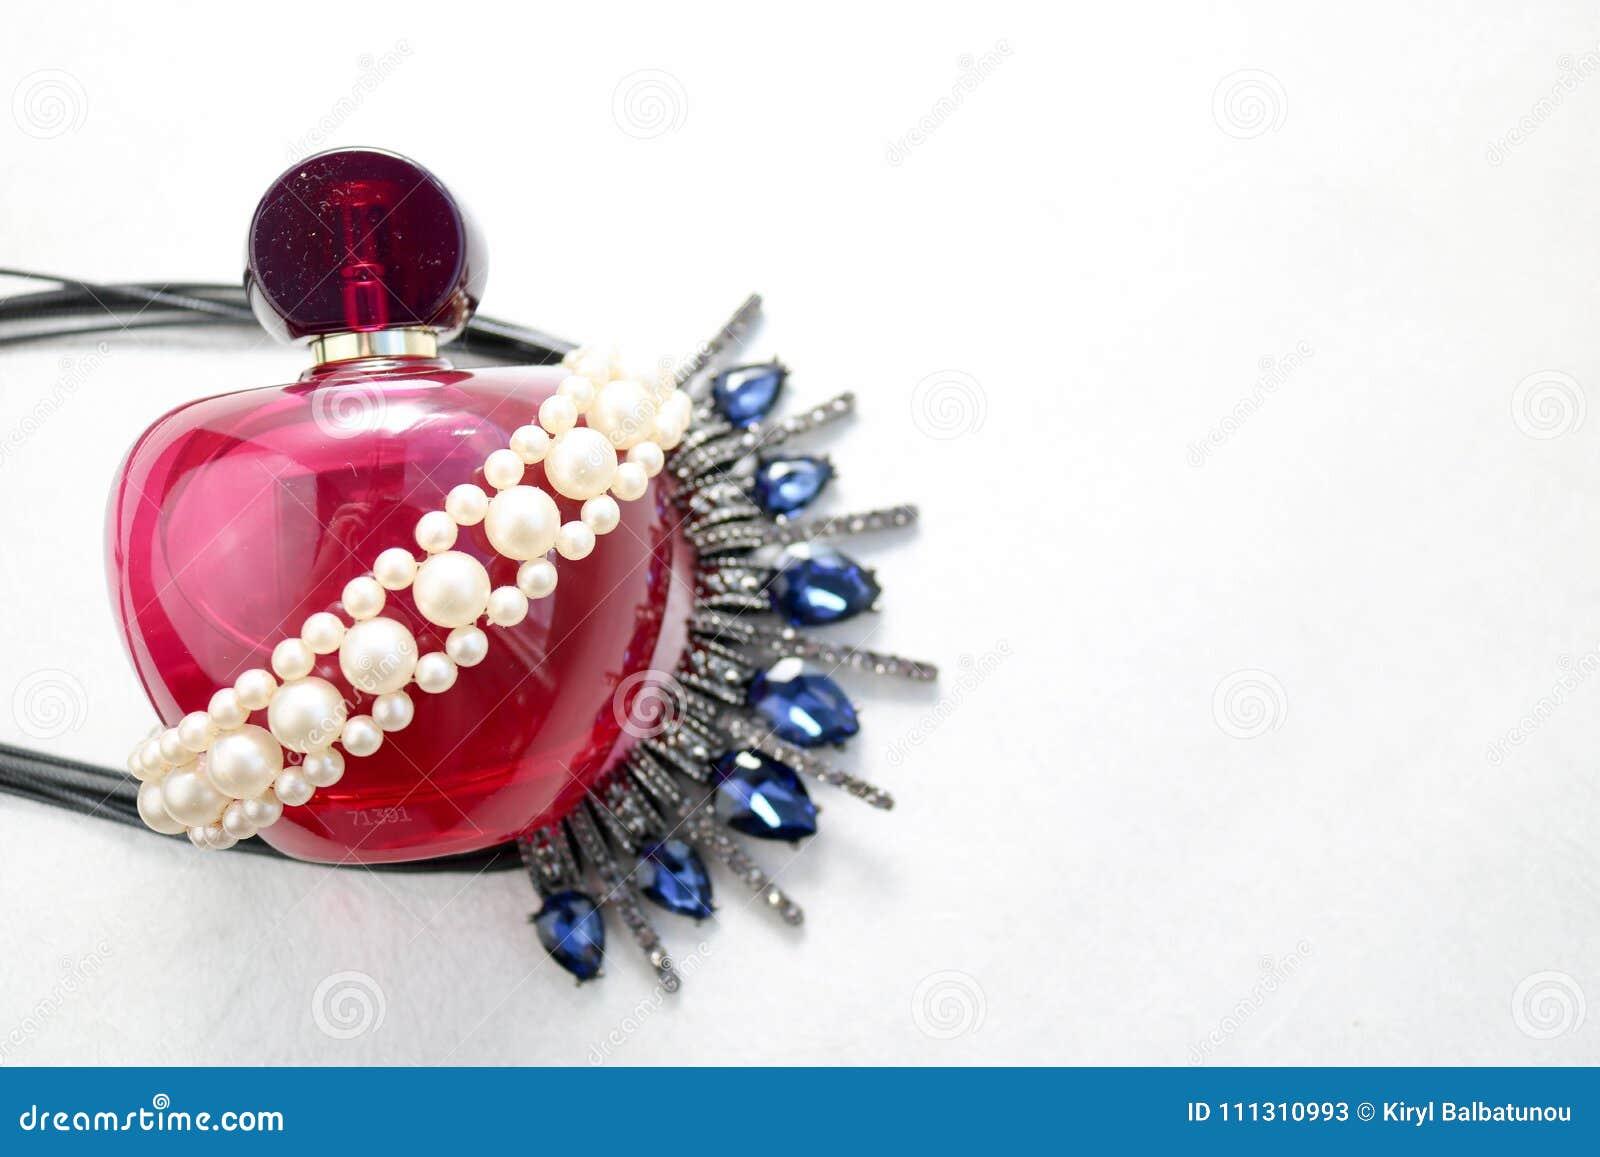 Bella bottiglia trasparente di vetro rosa di profumo femminile decorata con le perle grige bianche ed i diamanti blu e del posto